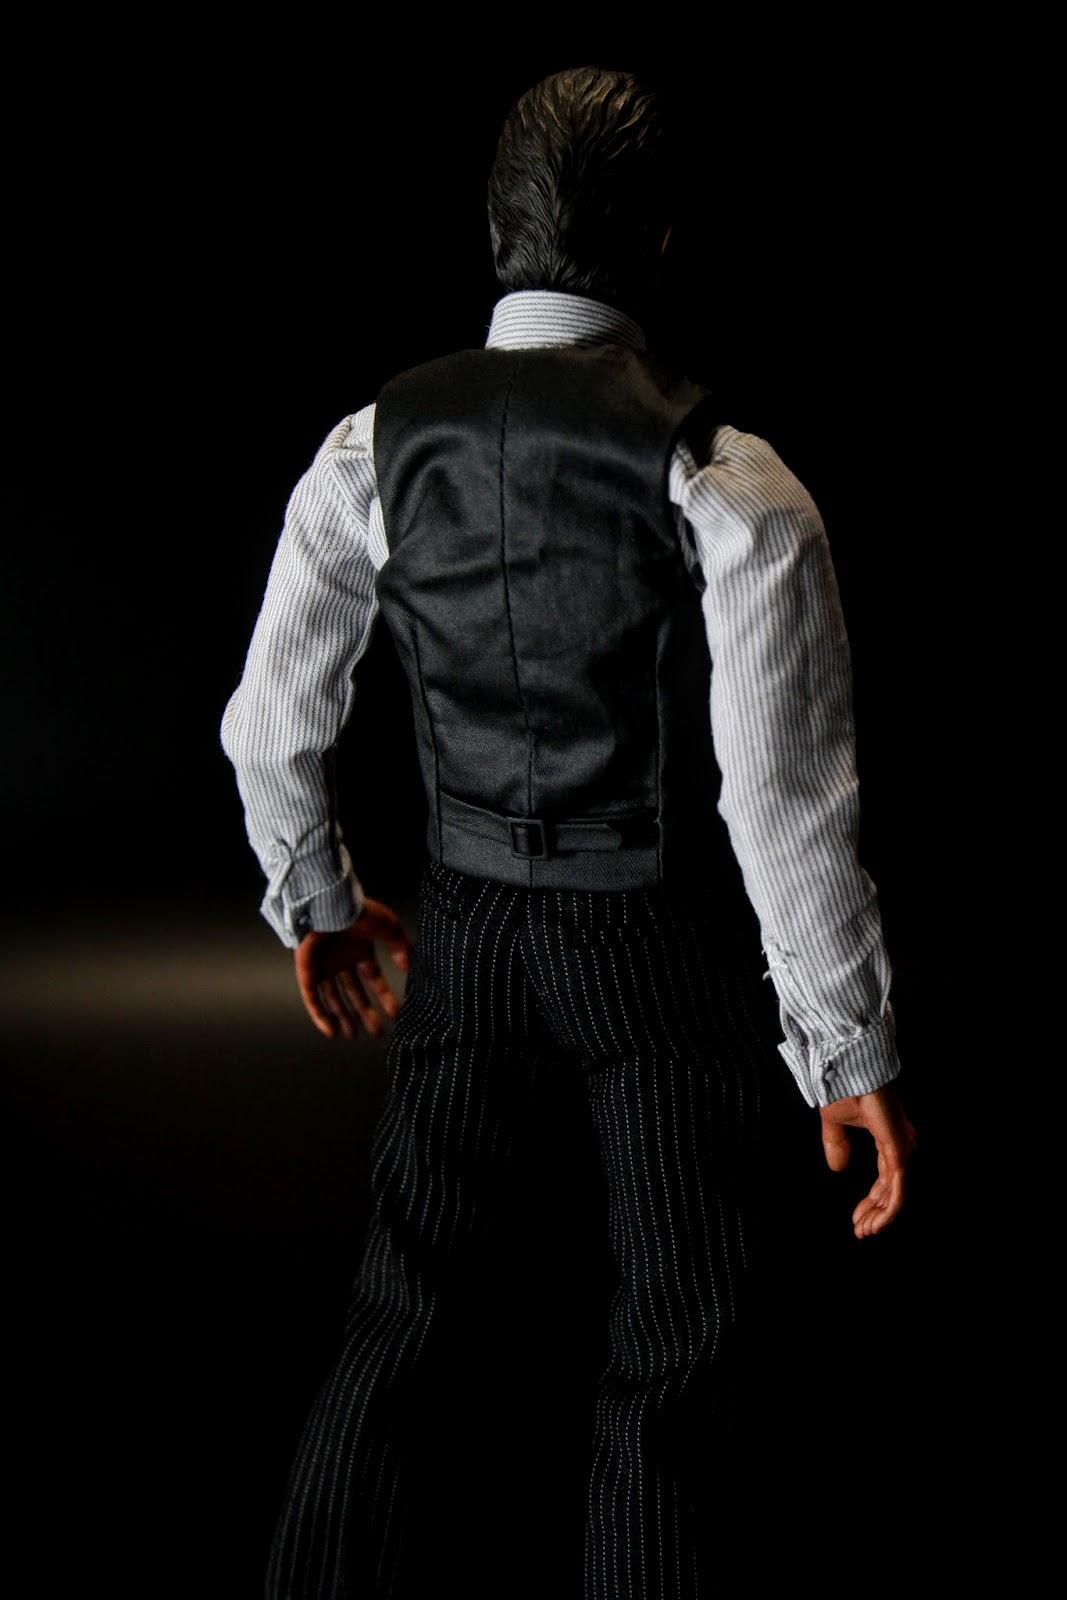 也因為前面講到素體問題,肩膀是虛的~不穿外套很明顯看到肩膀是空的